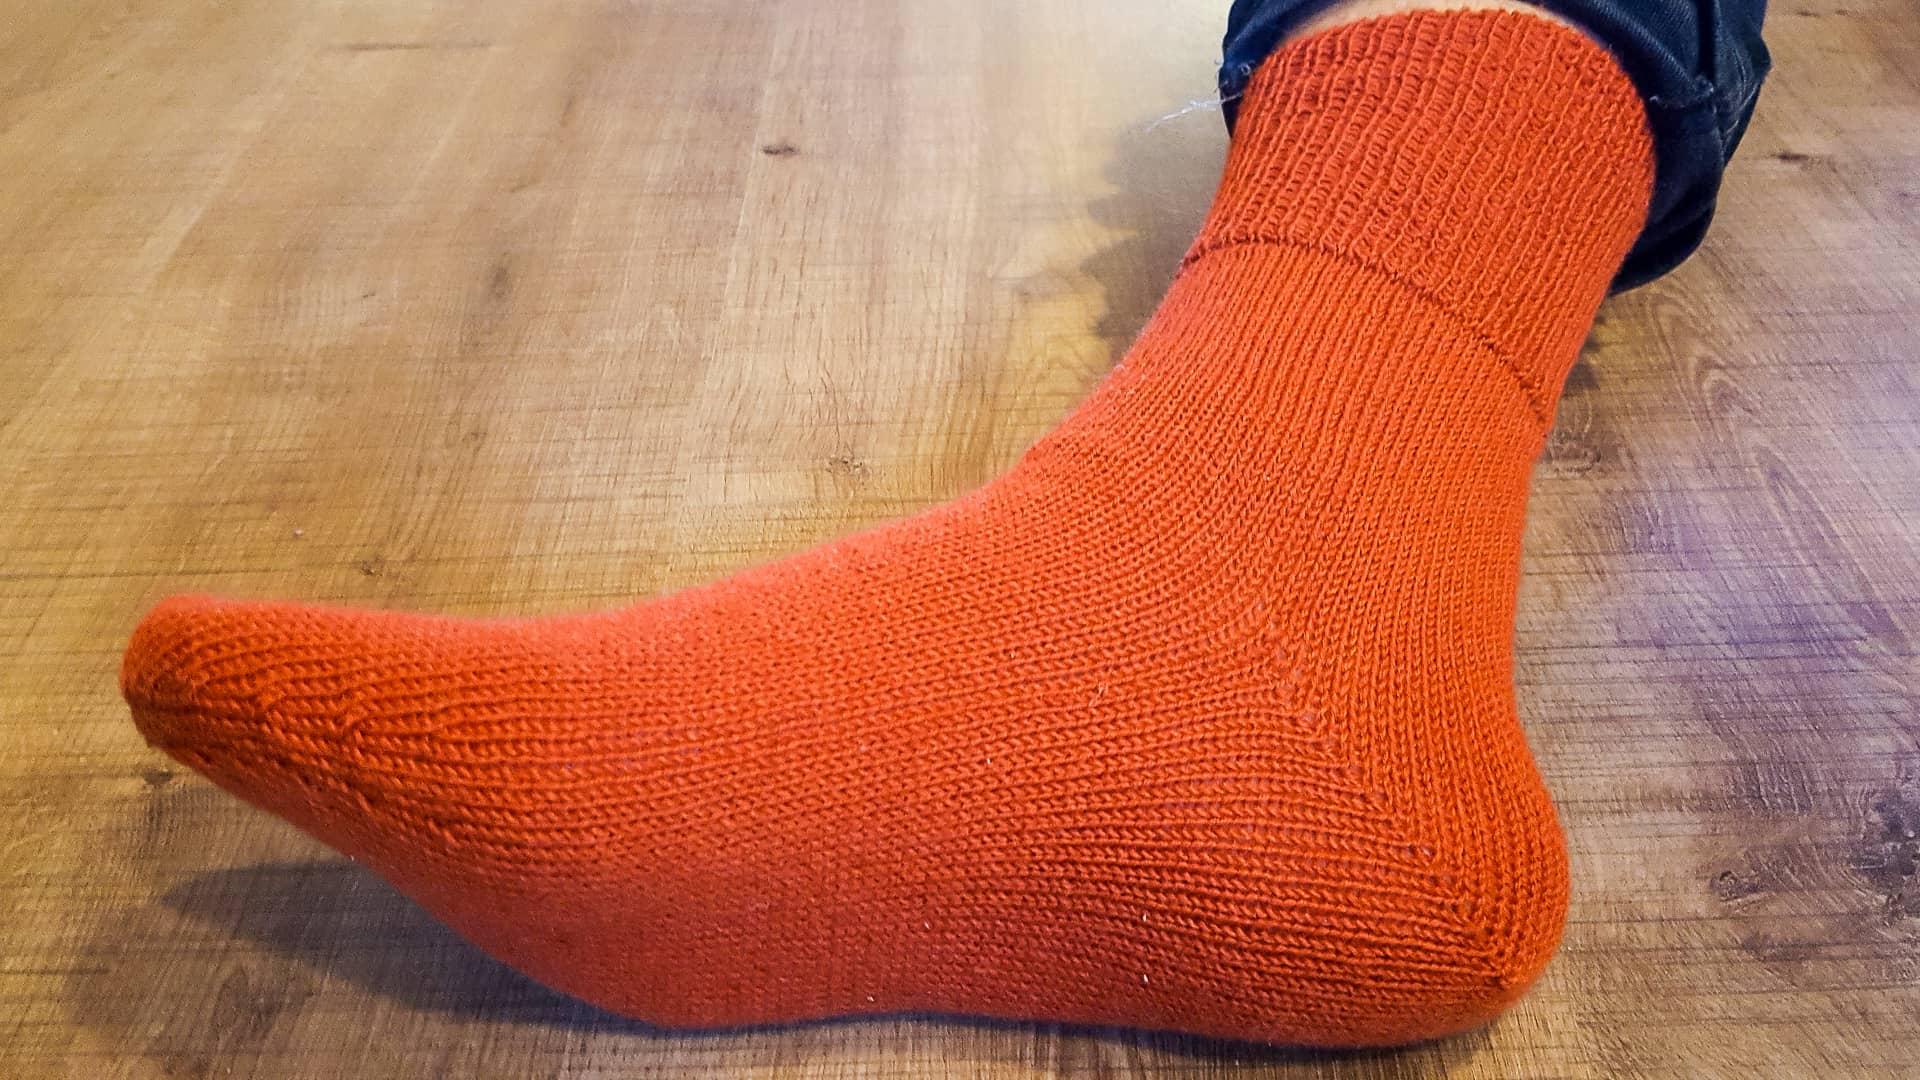 Vorschaubild: Rote Socke am Doppelbett